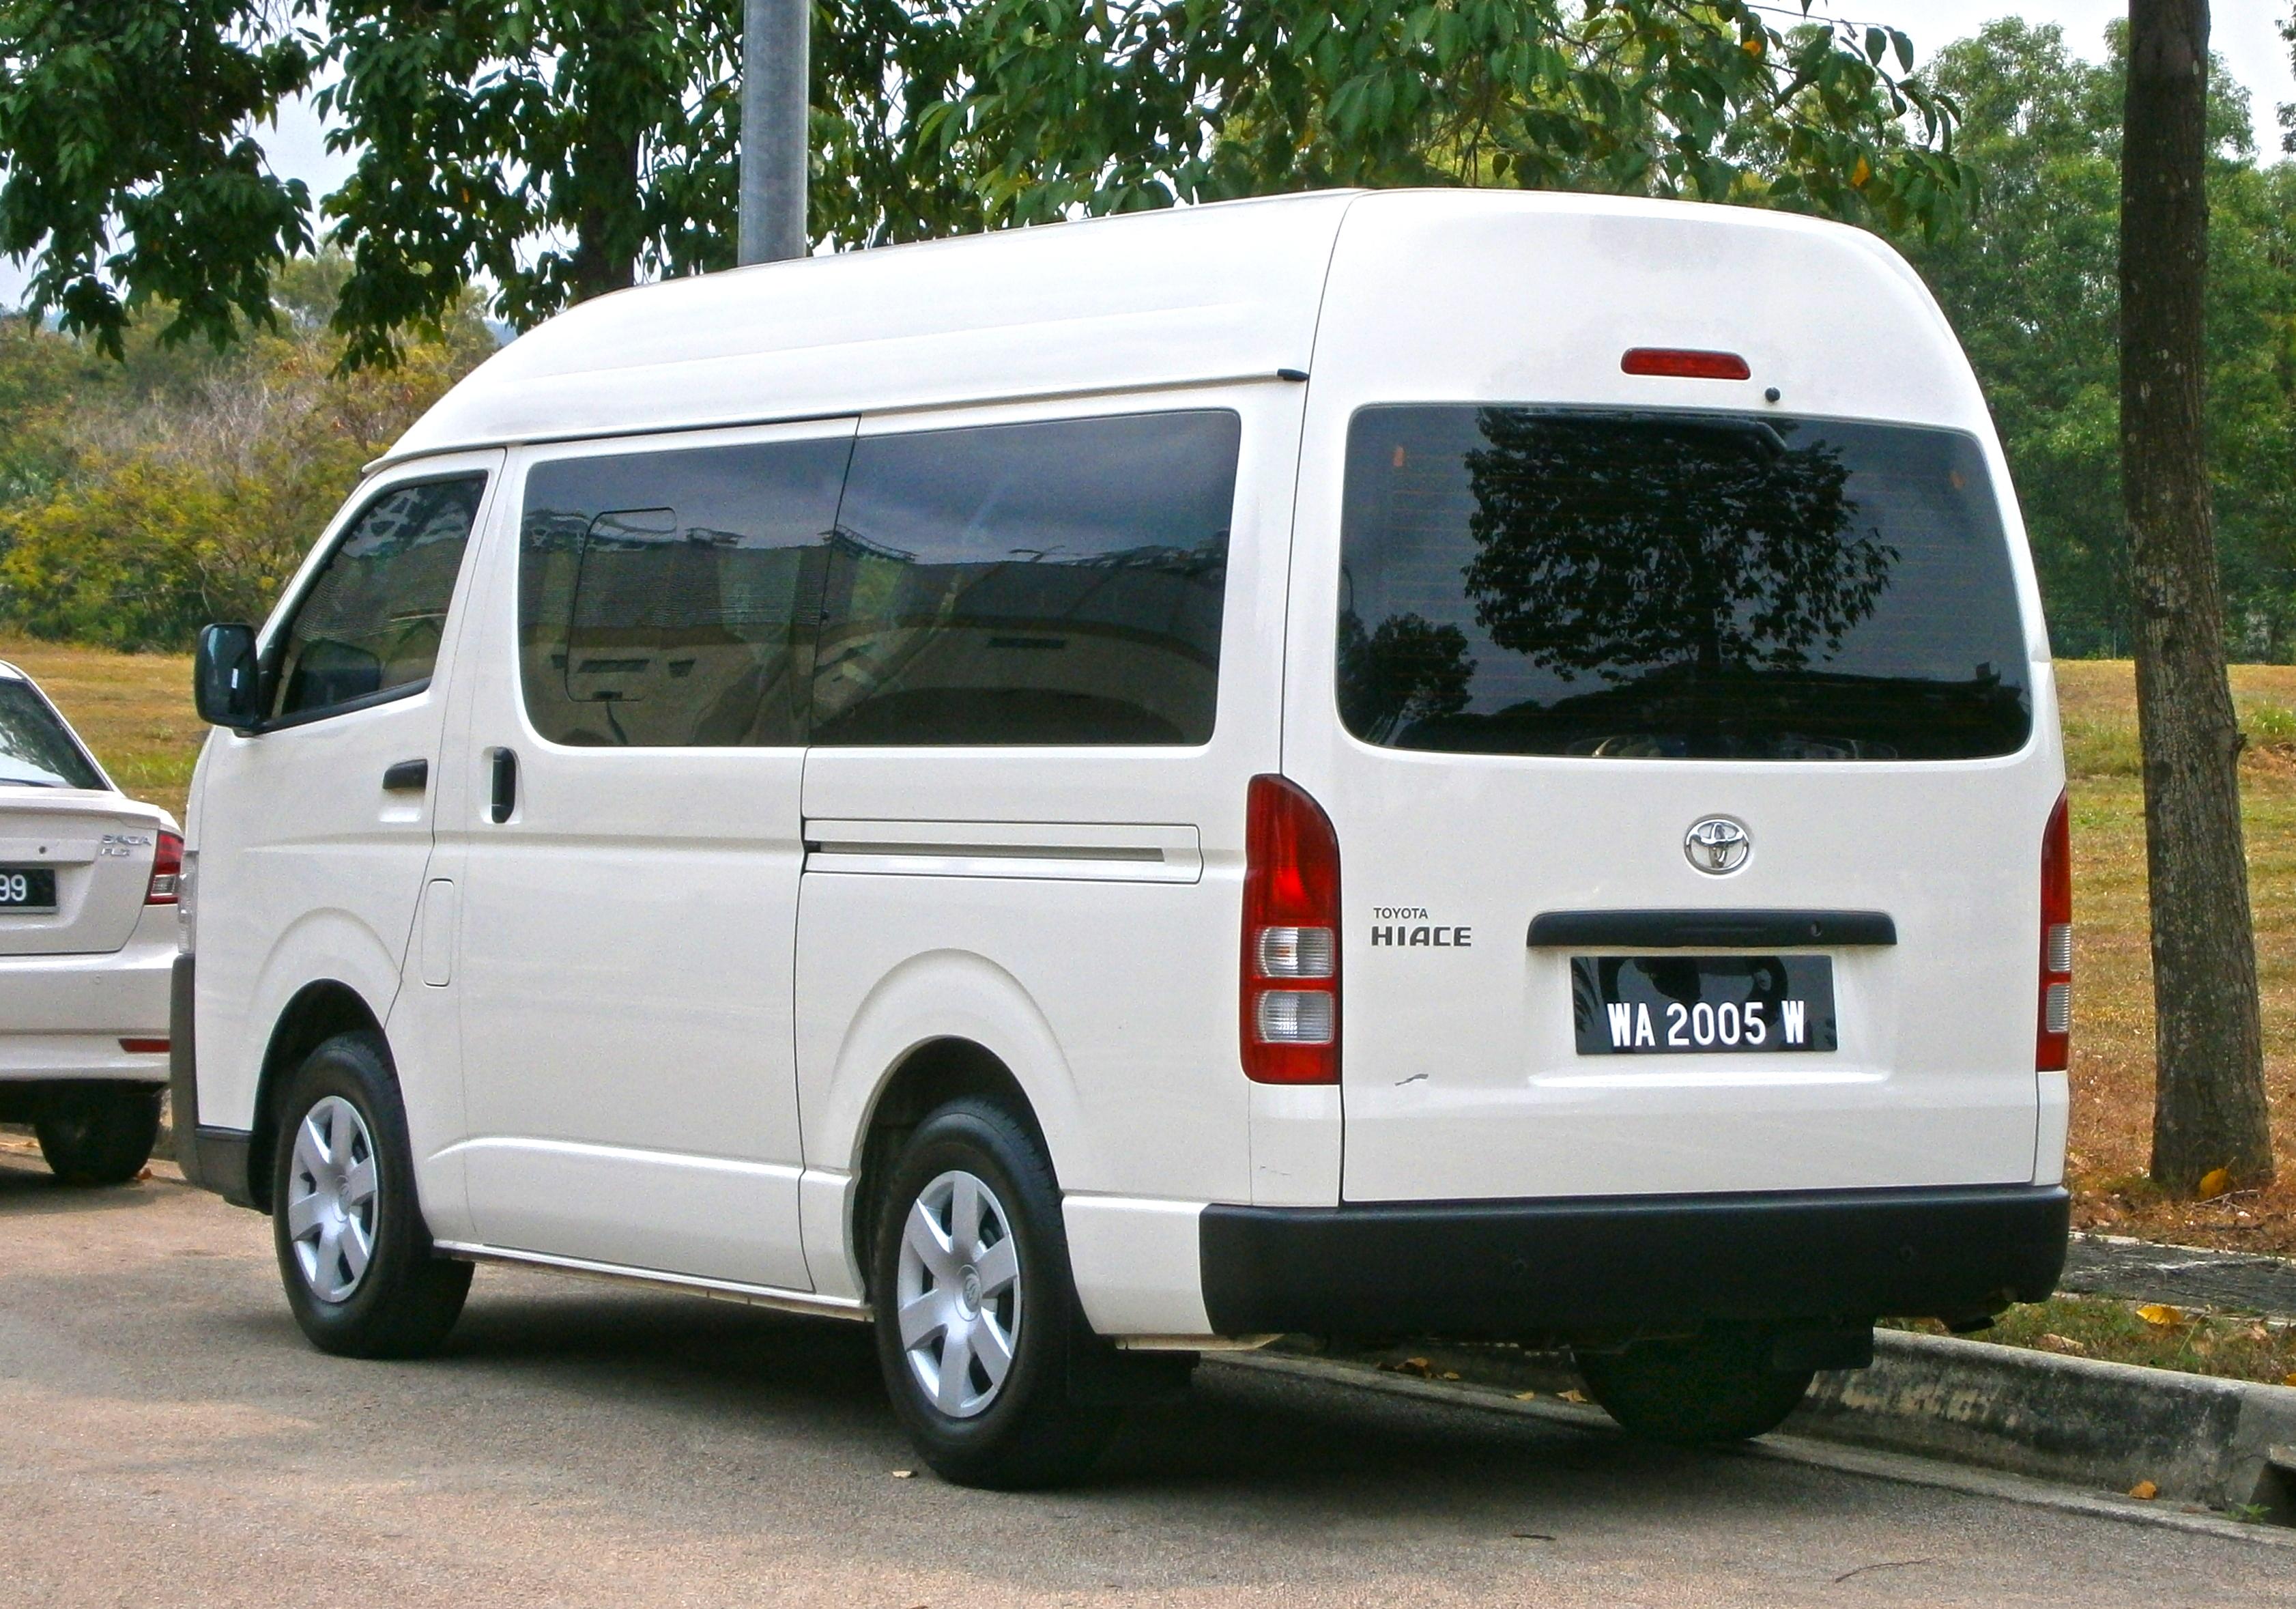 Toyota Hiace Van 2014 Www Pixshark Com Images